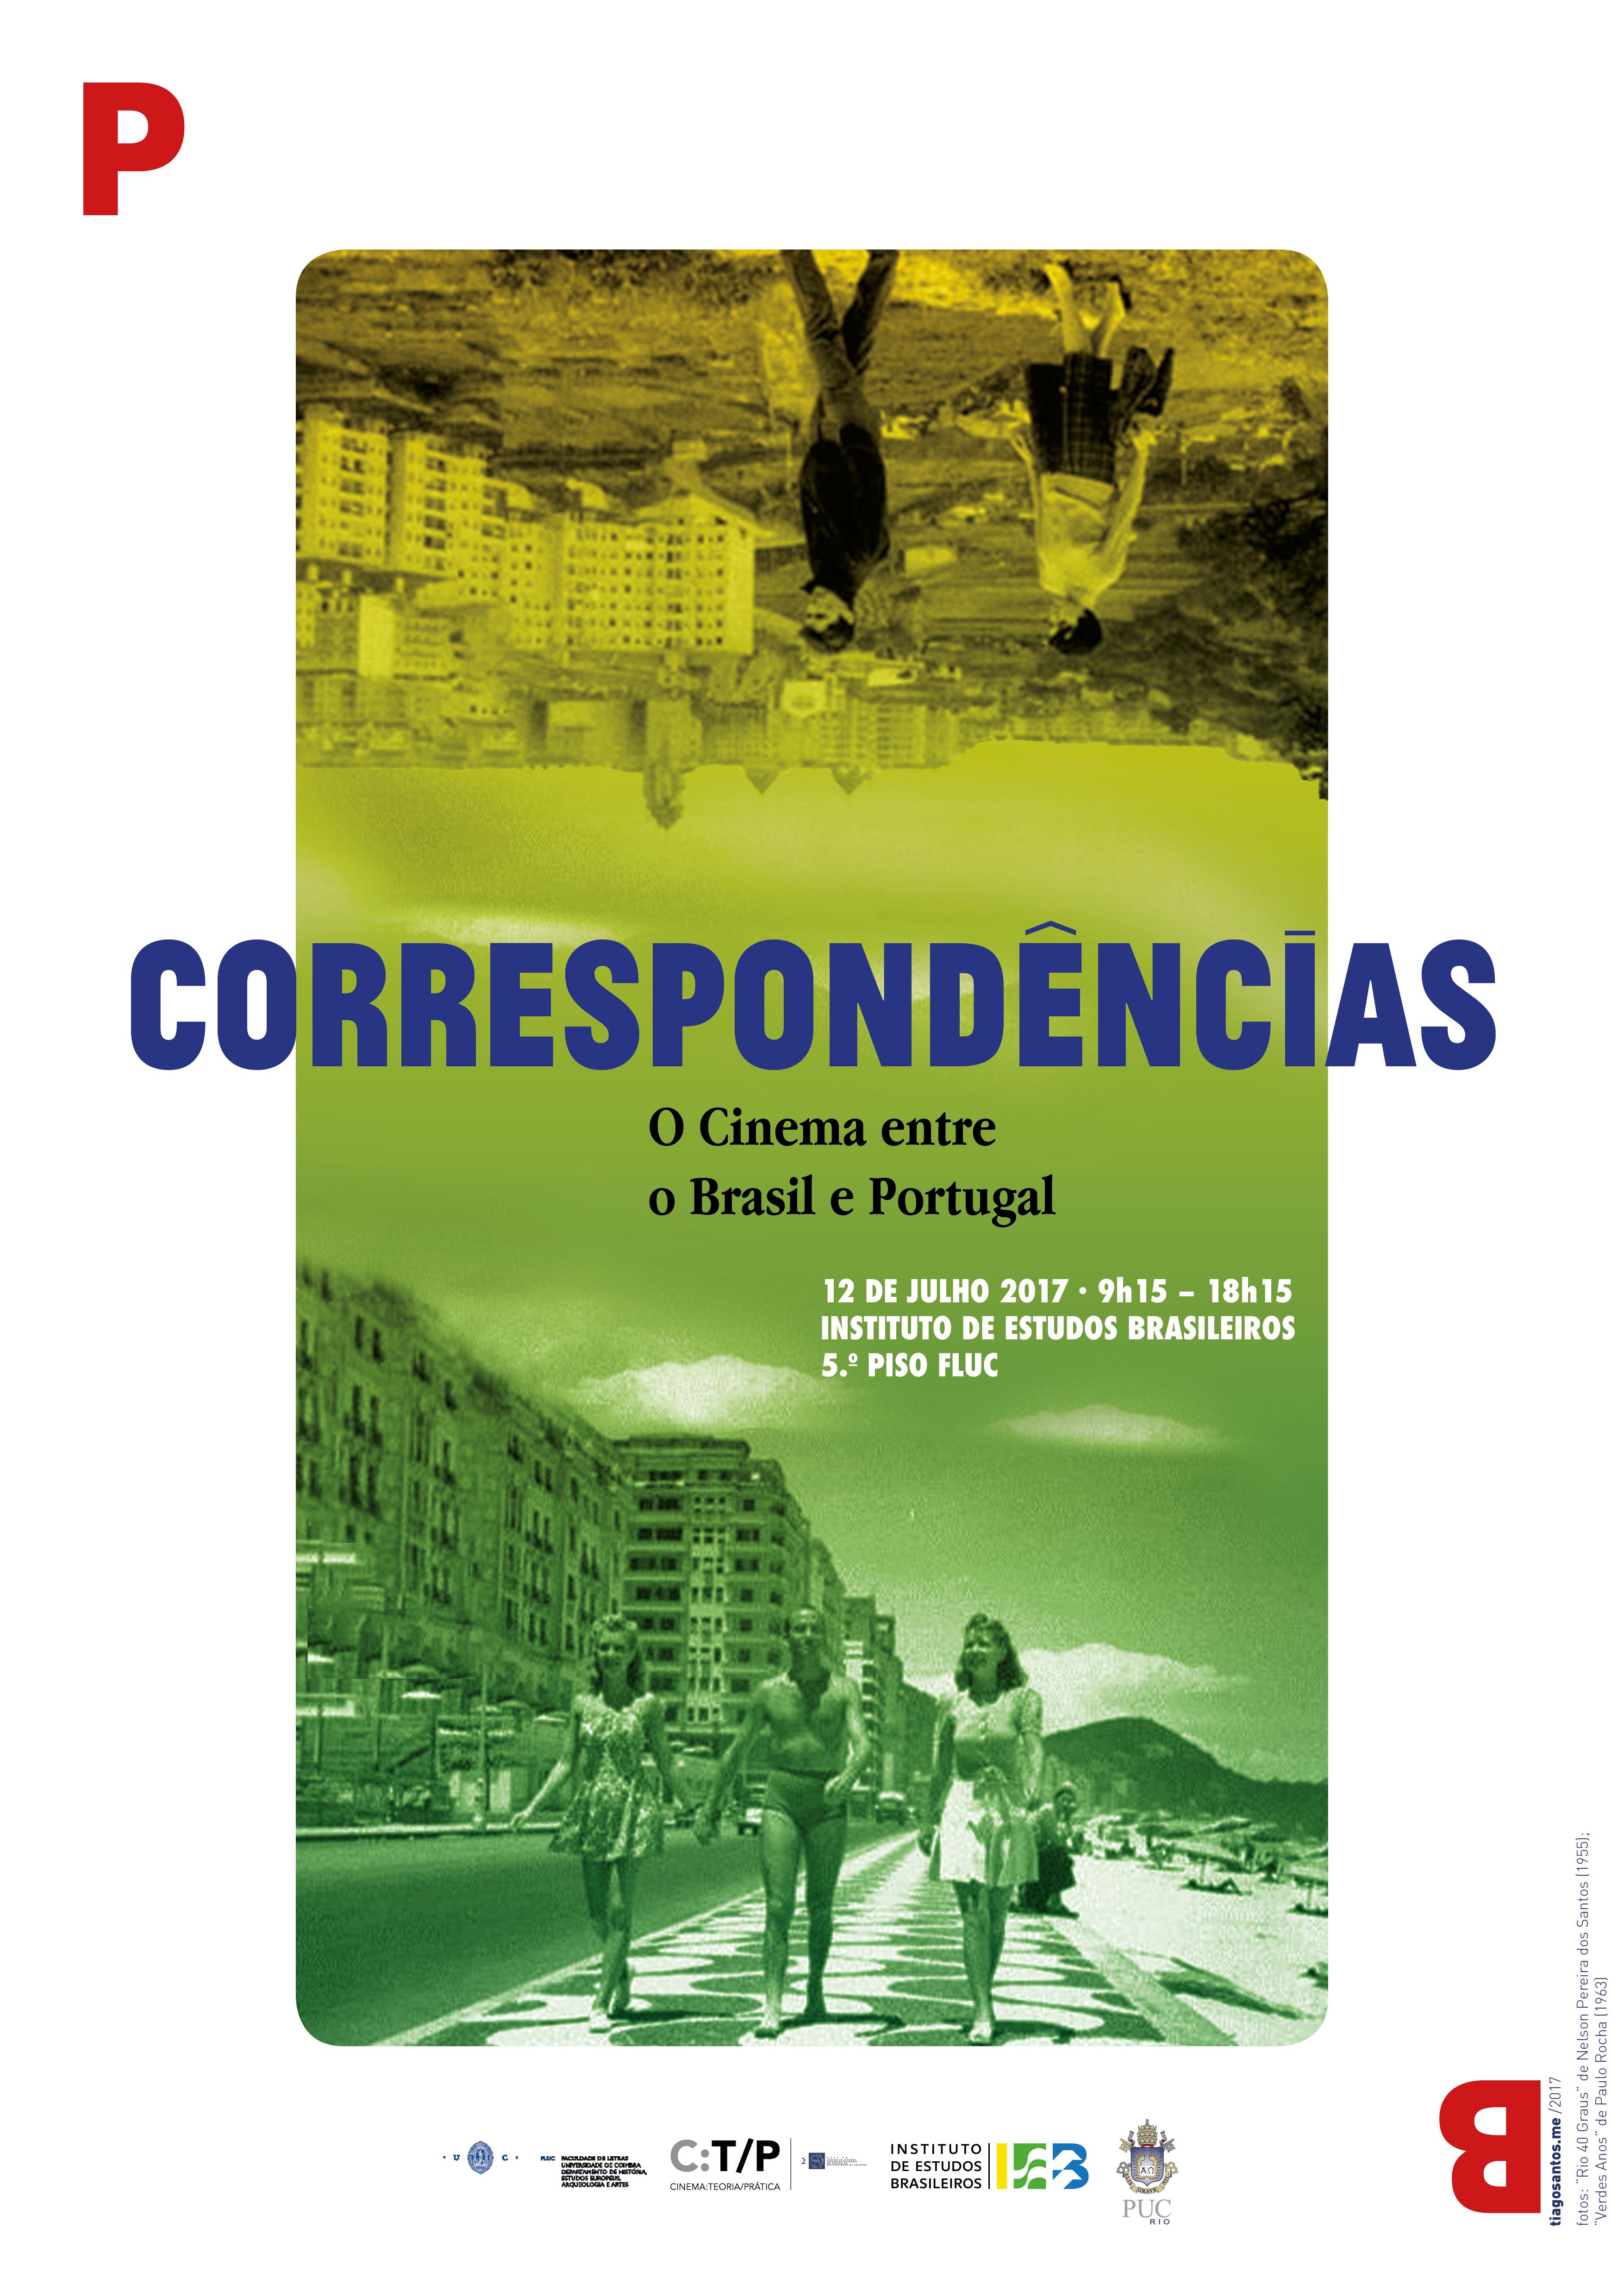 2017-06-30 OMS Correspondencias - O Cinema entre o Brasil e Portugal